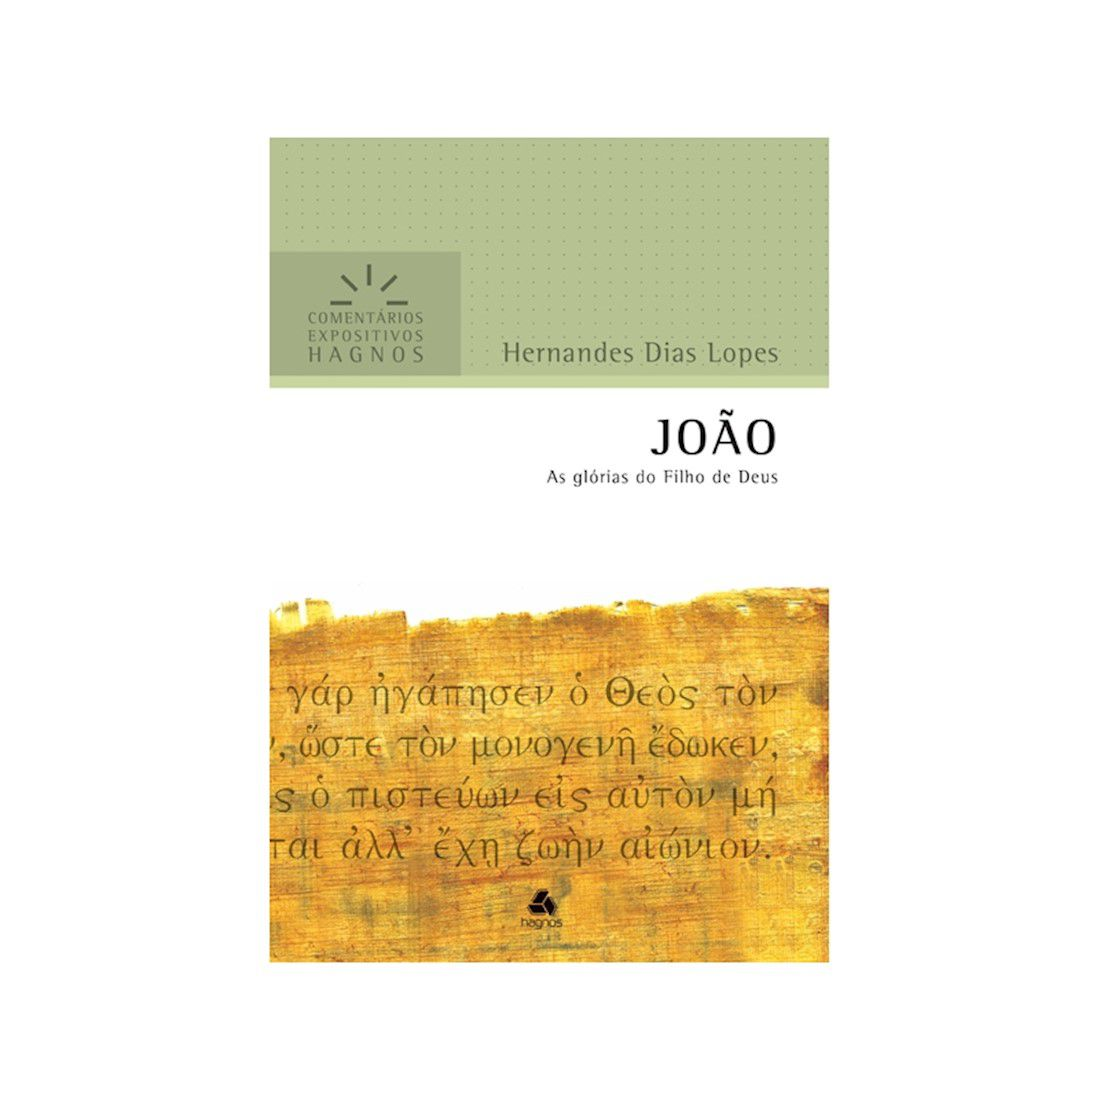 Livro João | Comentários Expositivos Hagnos